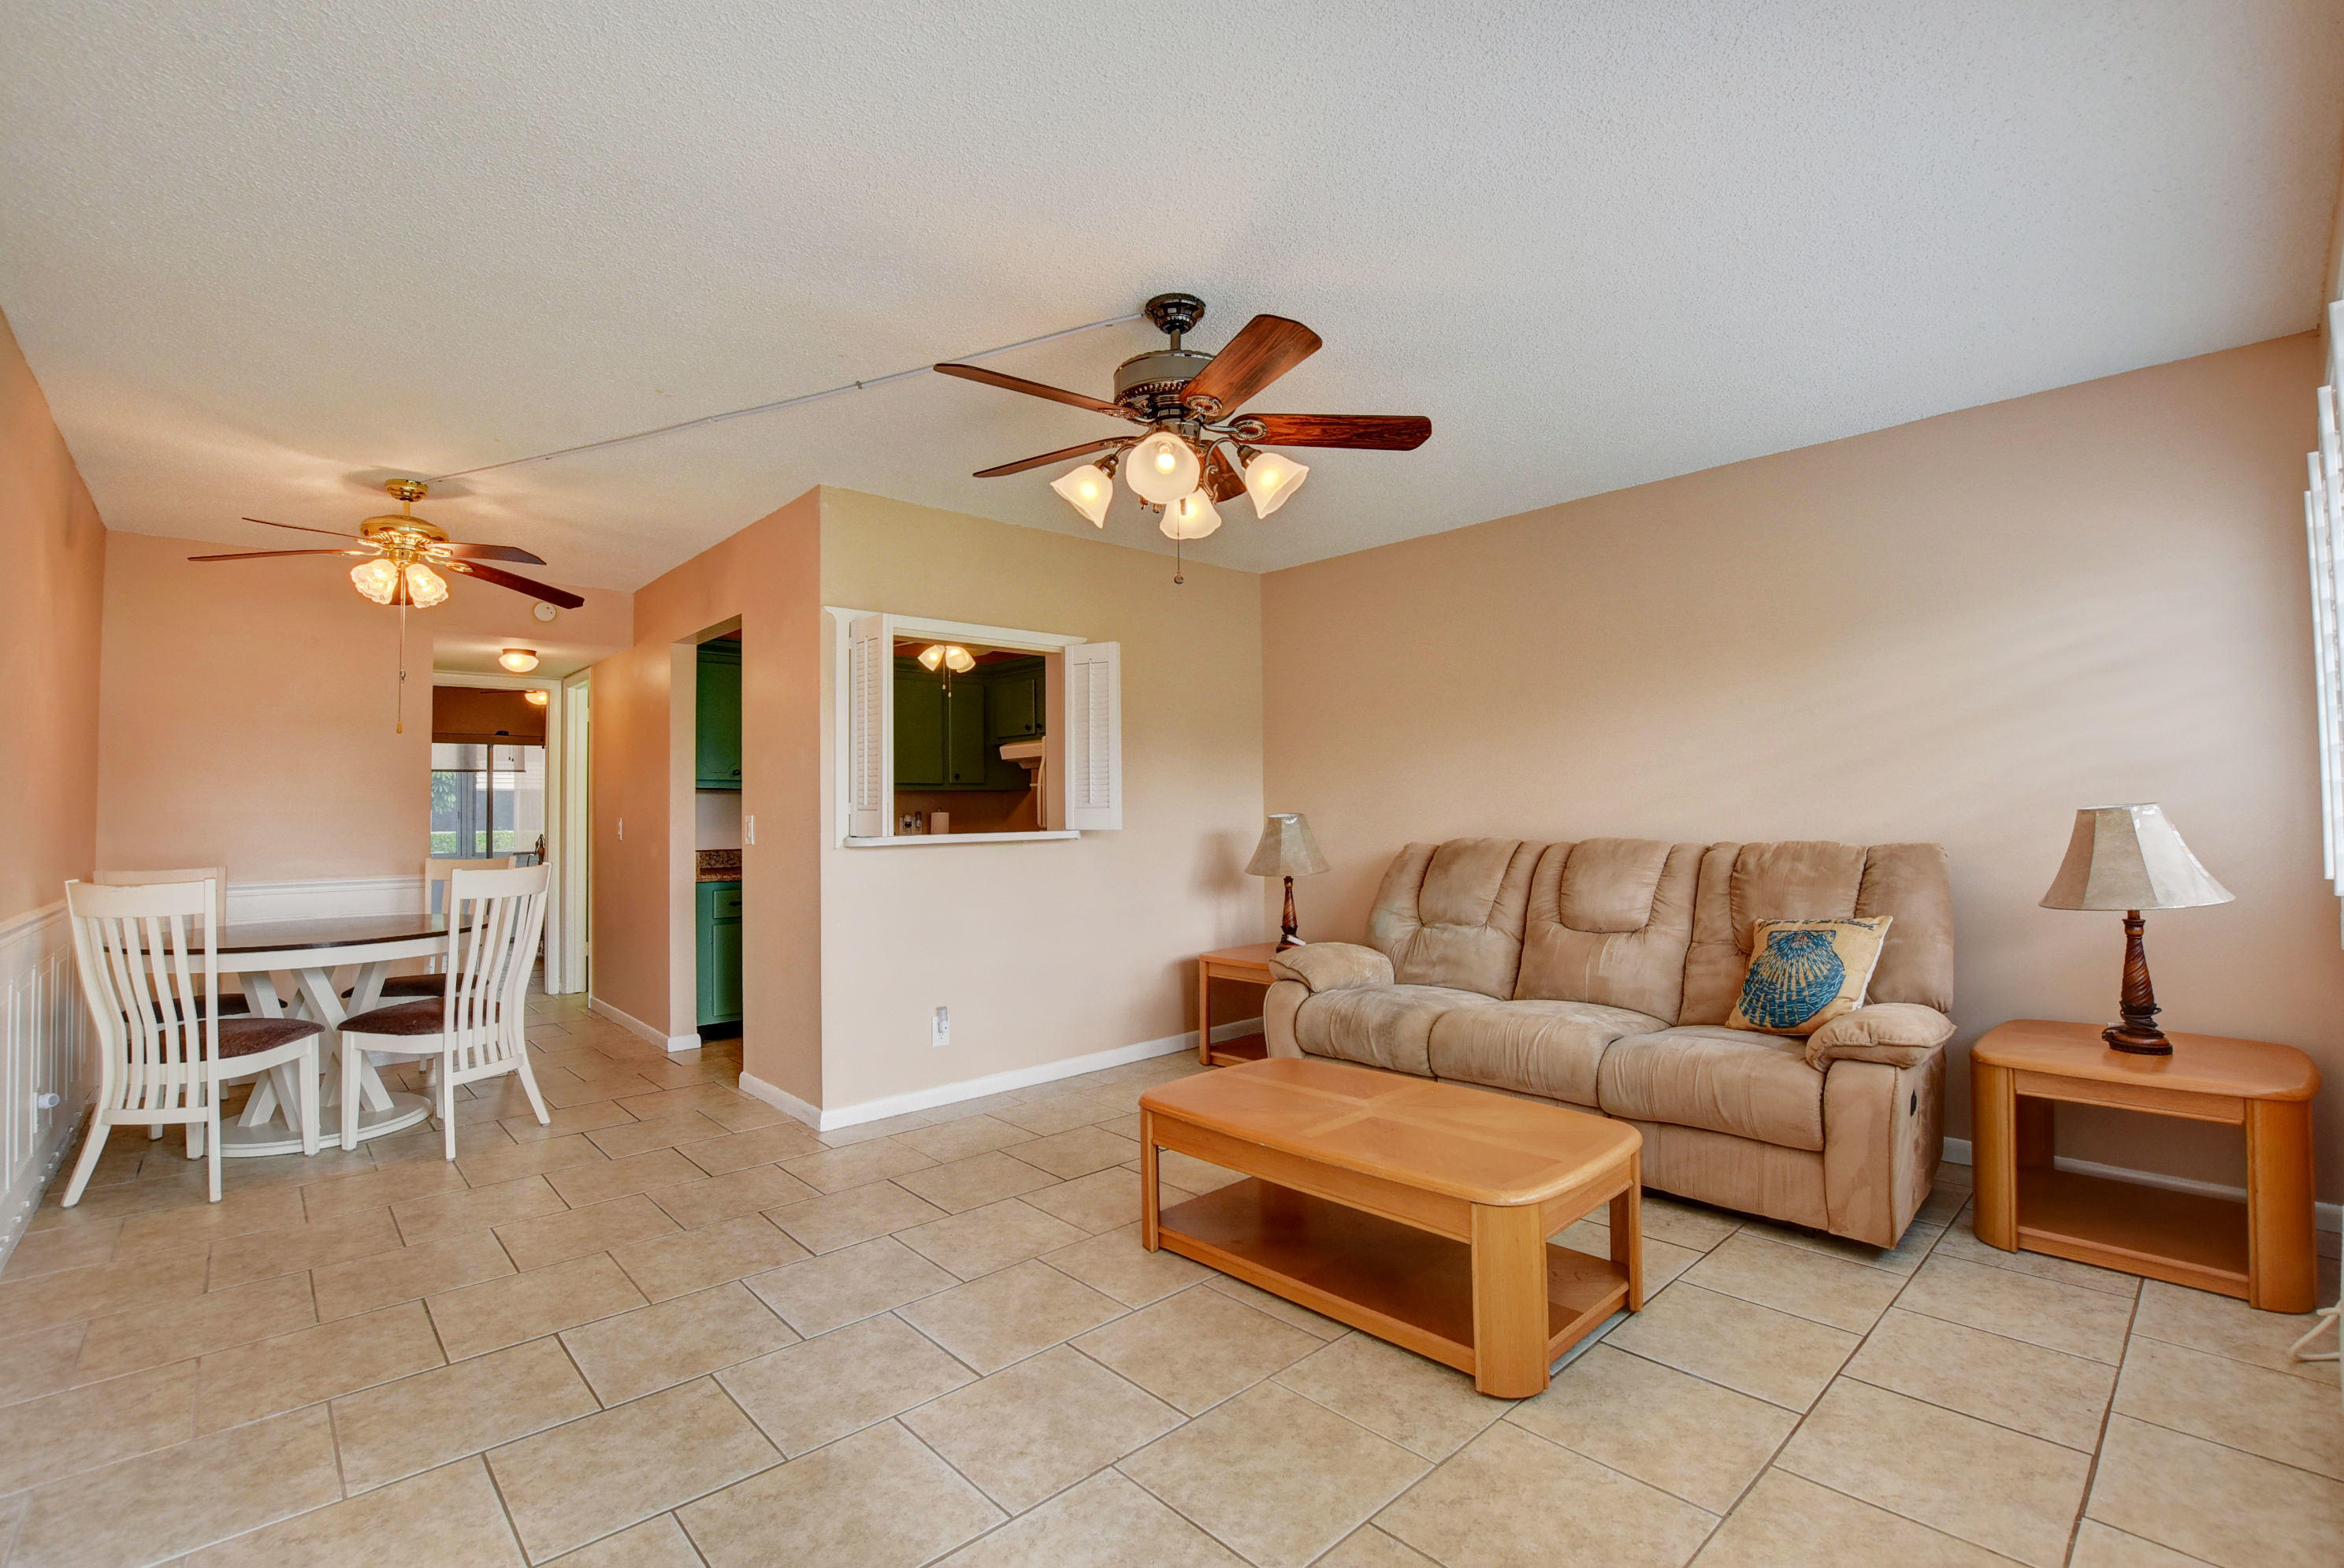 Details for 102 Cambridge, West Palm Beach, FL 33417